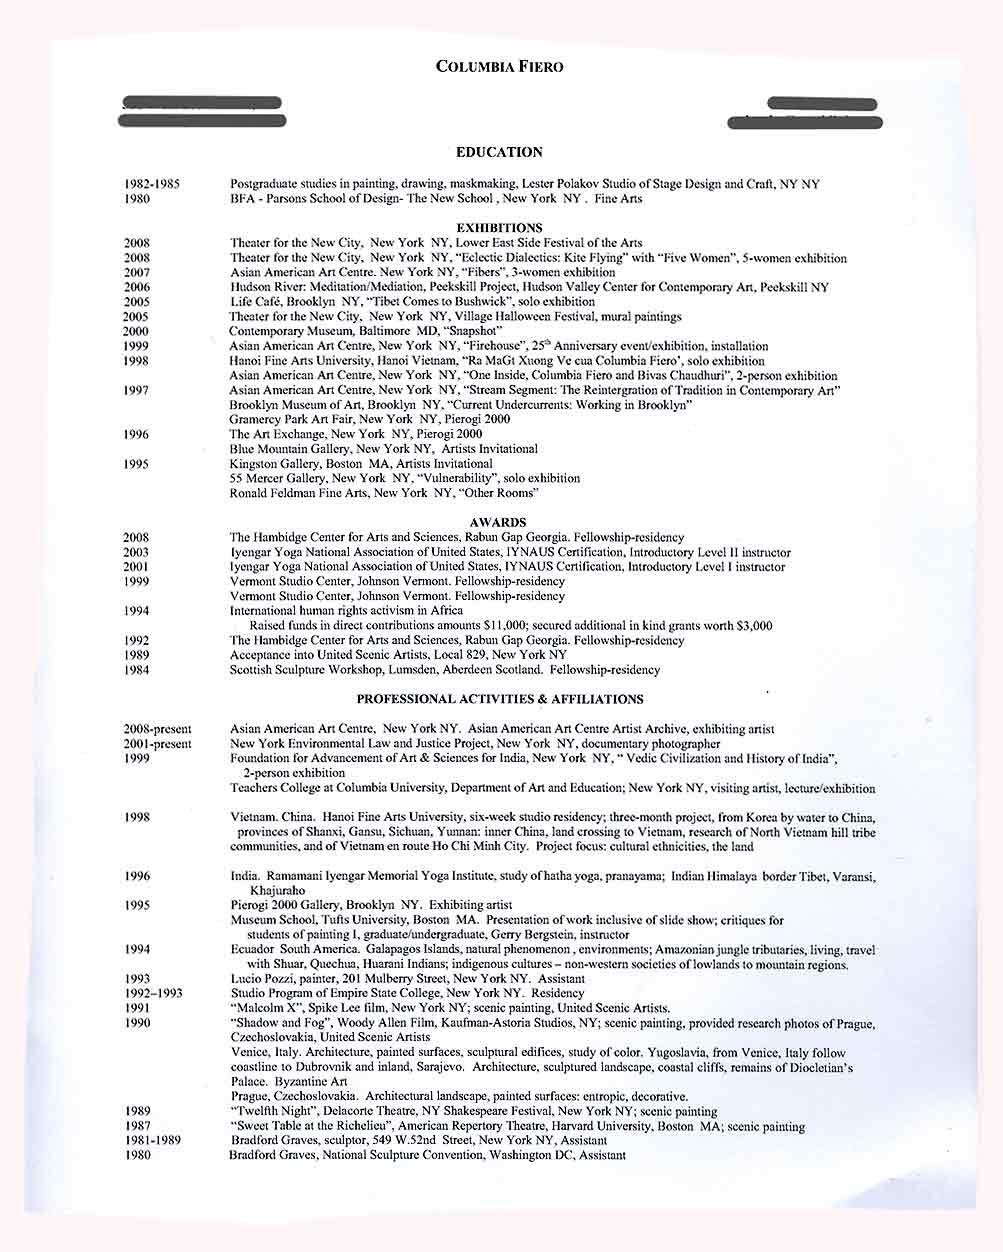 Columbia Fiero's Resume, [2008]